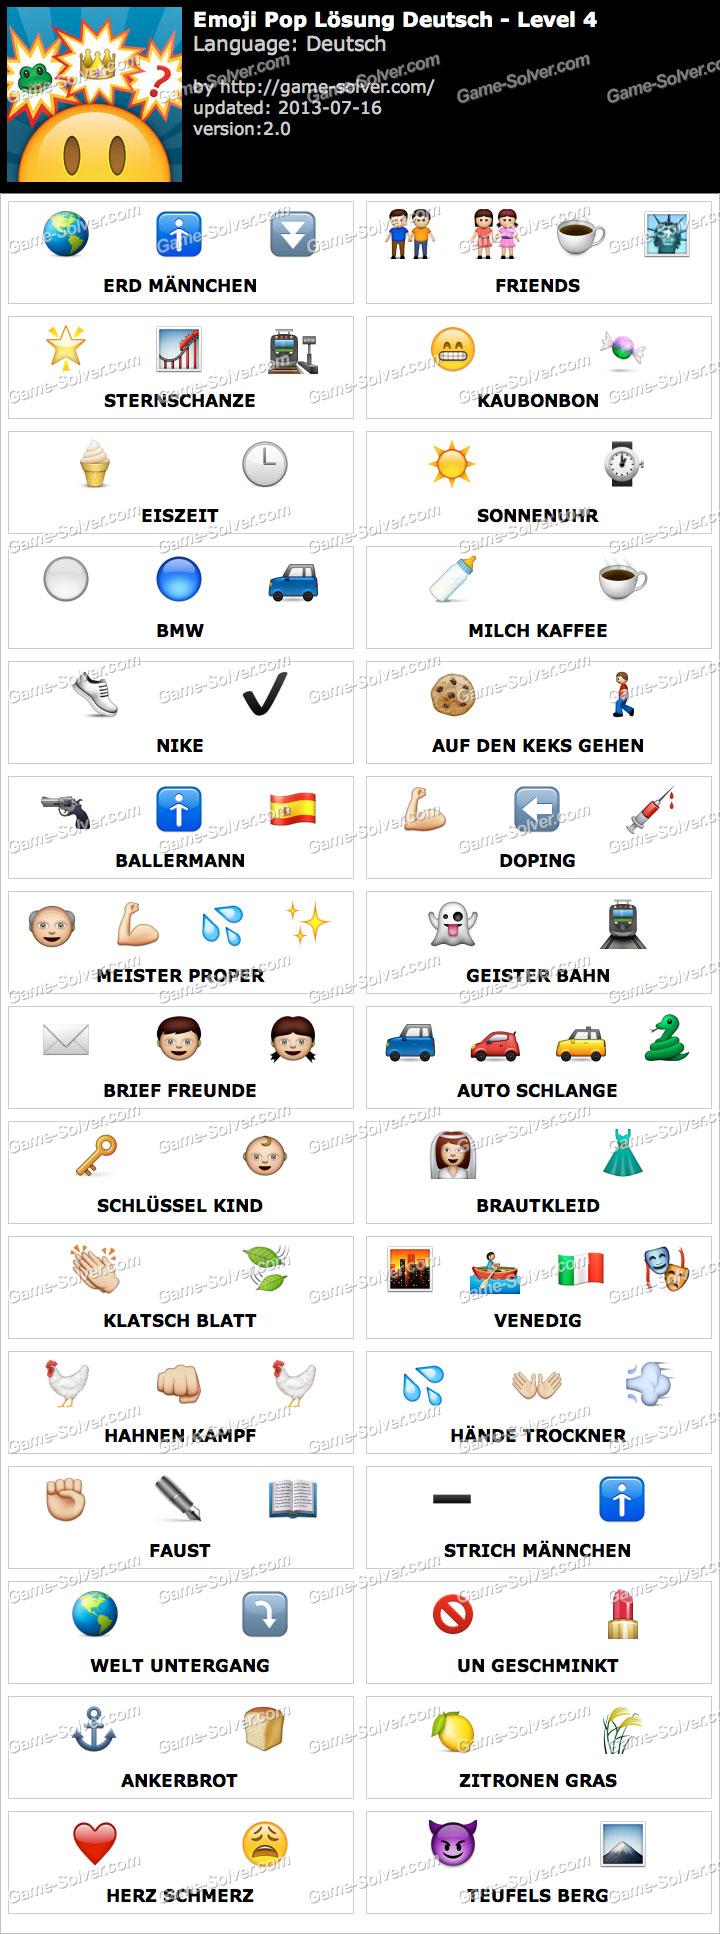 Emoji Pop Level 4